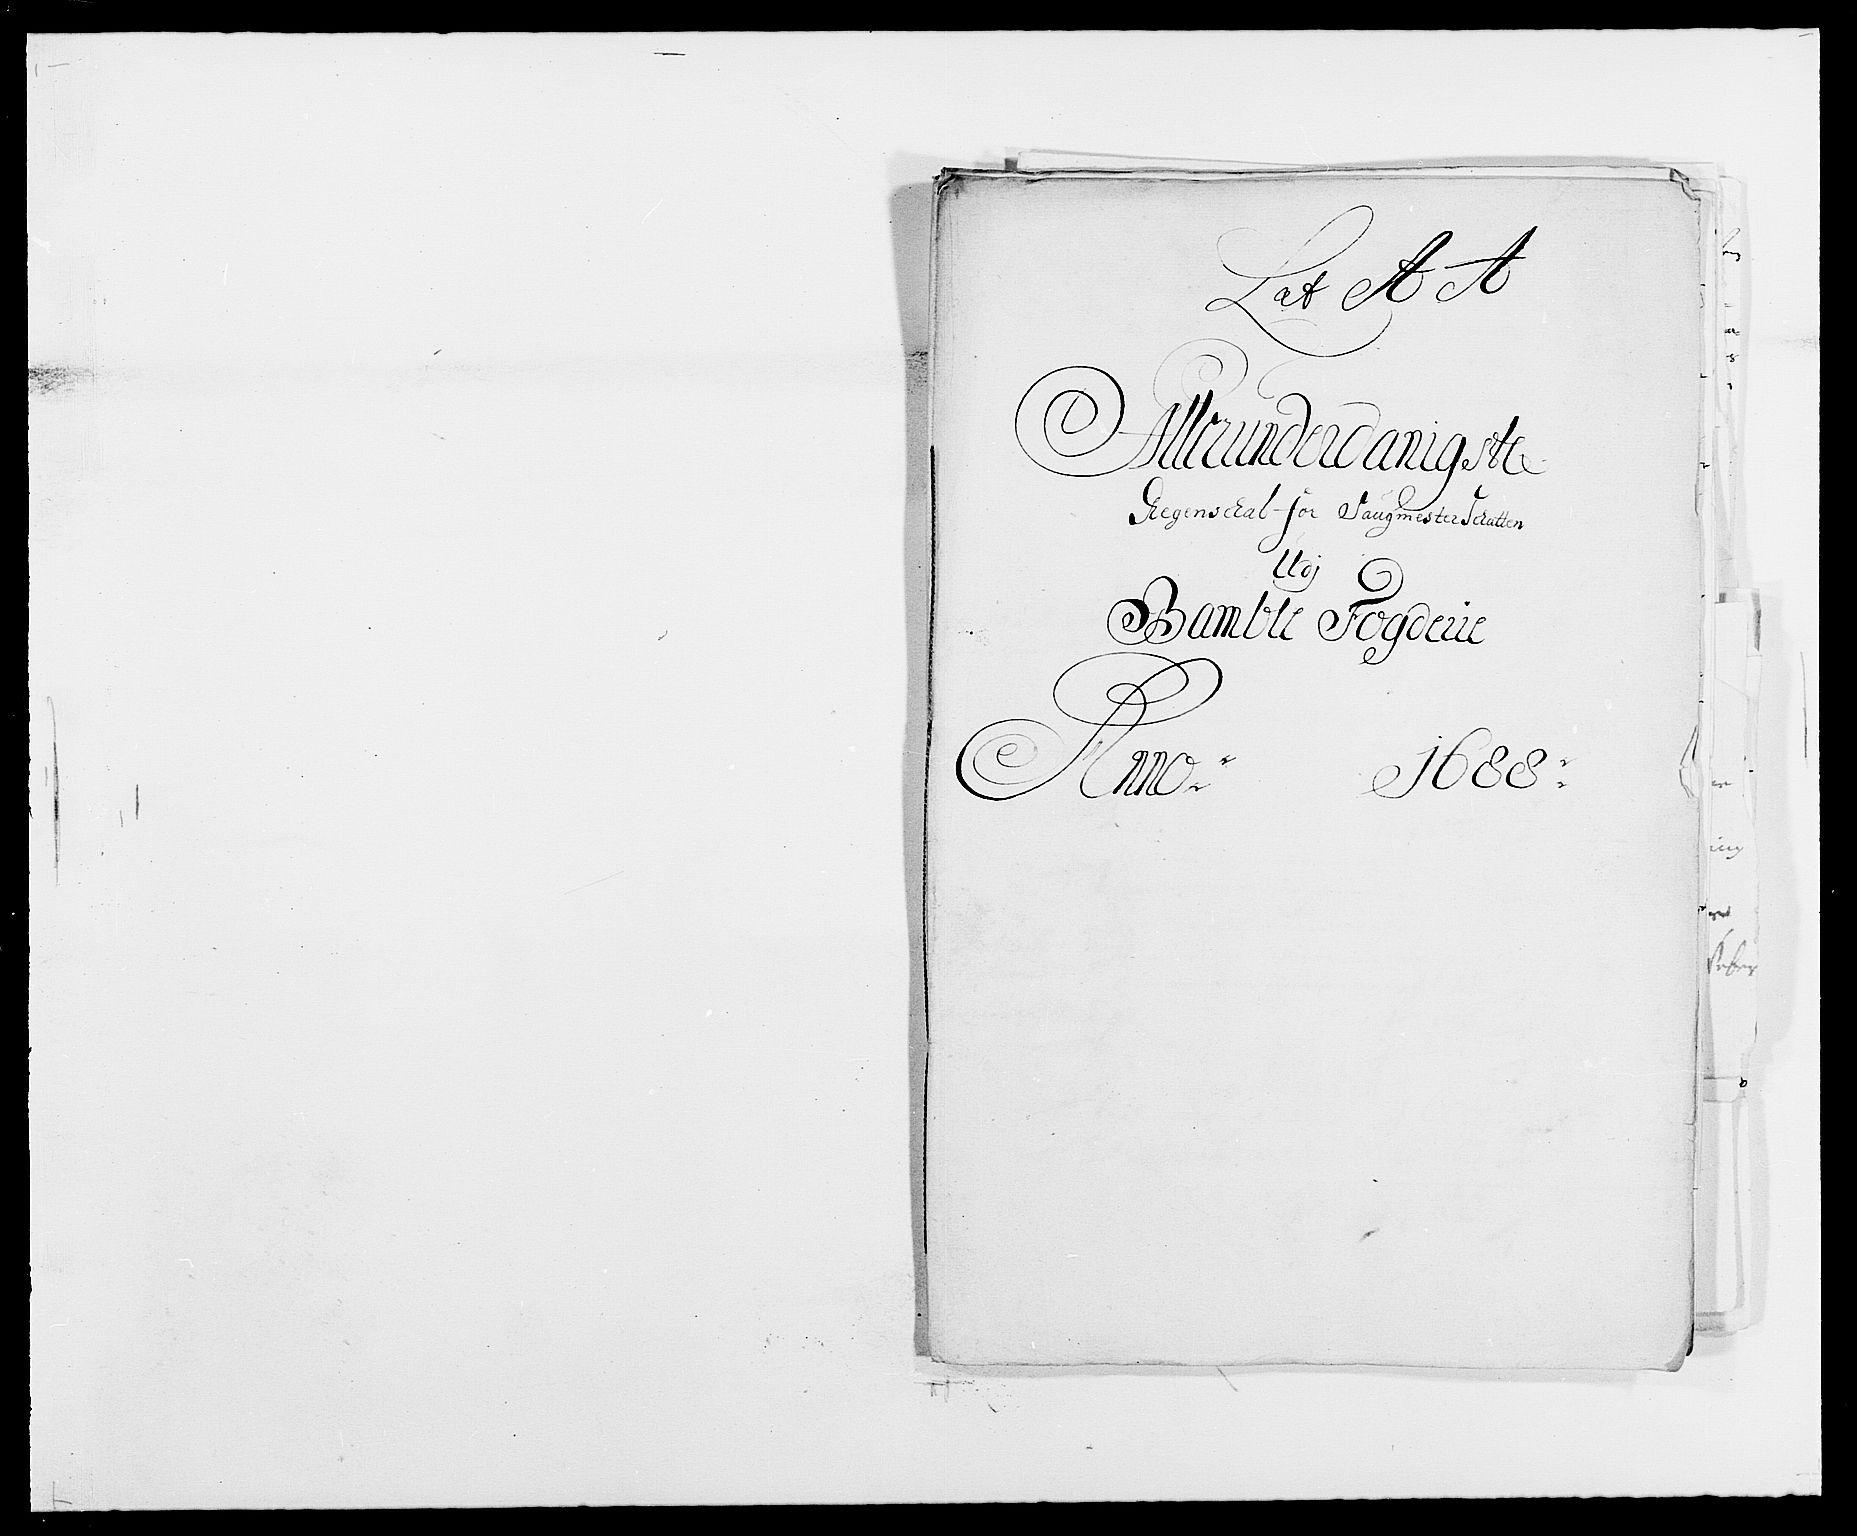 RA, Rentekammeret inntil 1814, Reviderte regnskaper, Fogderegnskap, R34/L2051: Fogderegnskap Bamble, 1688-1691, s. 80